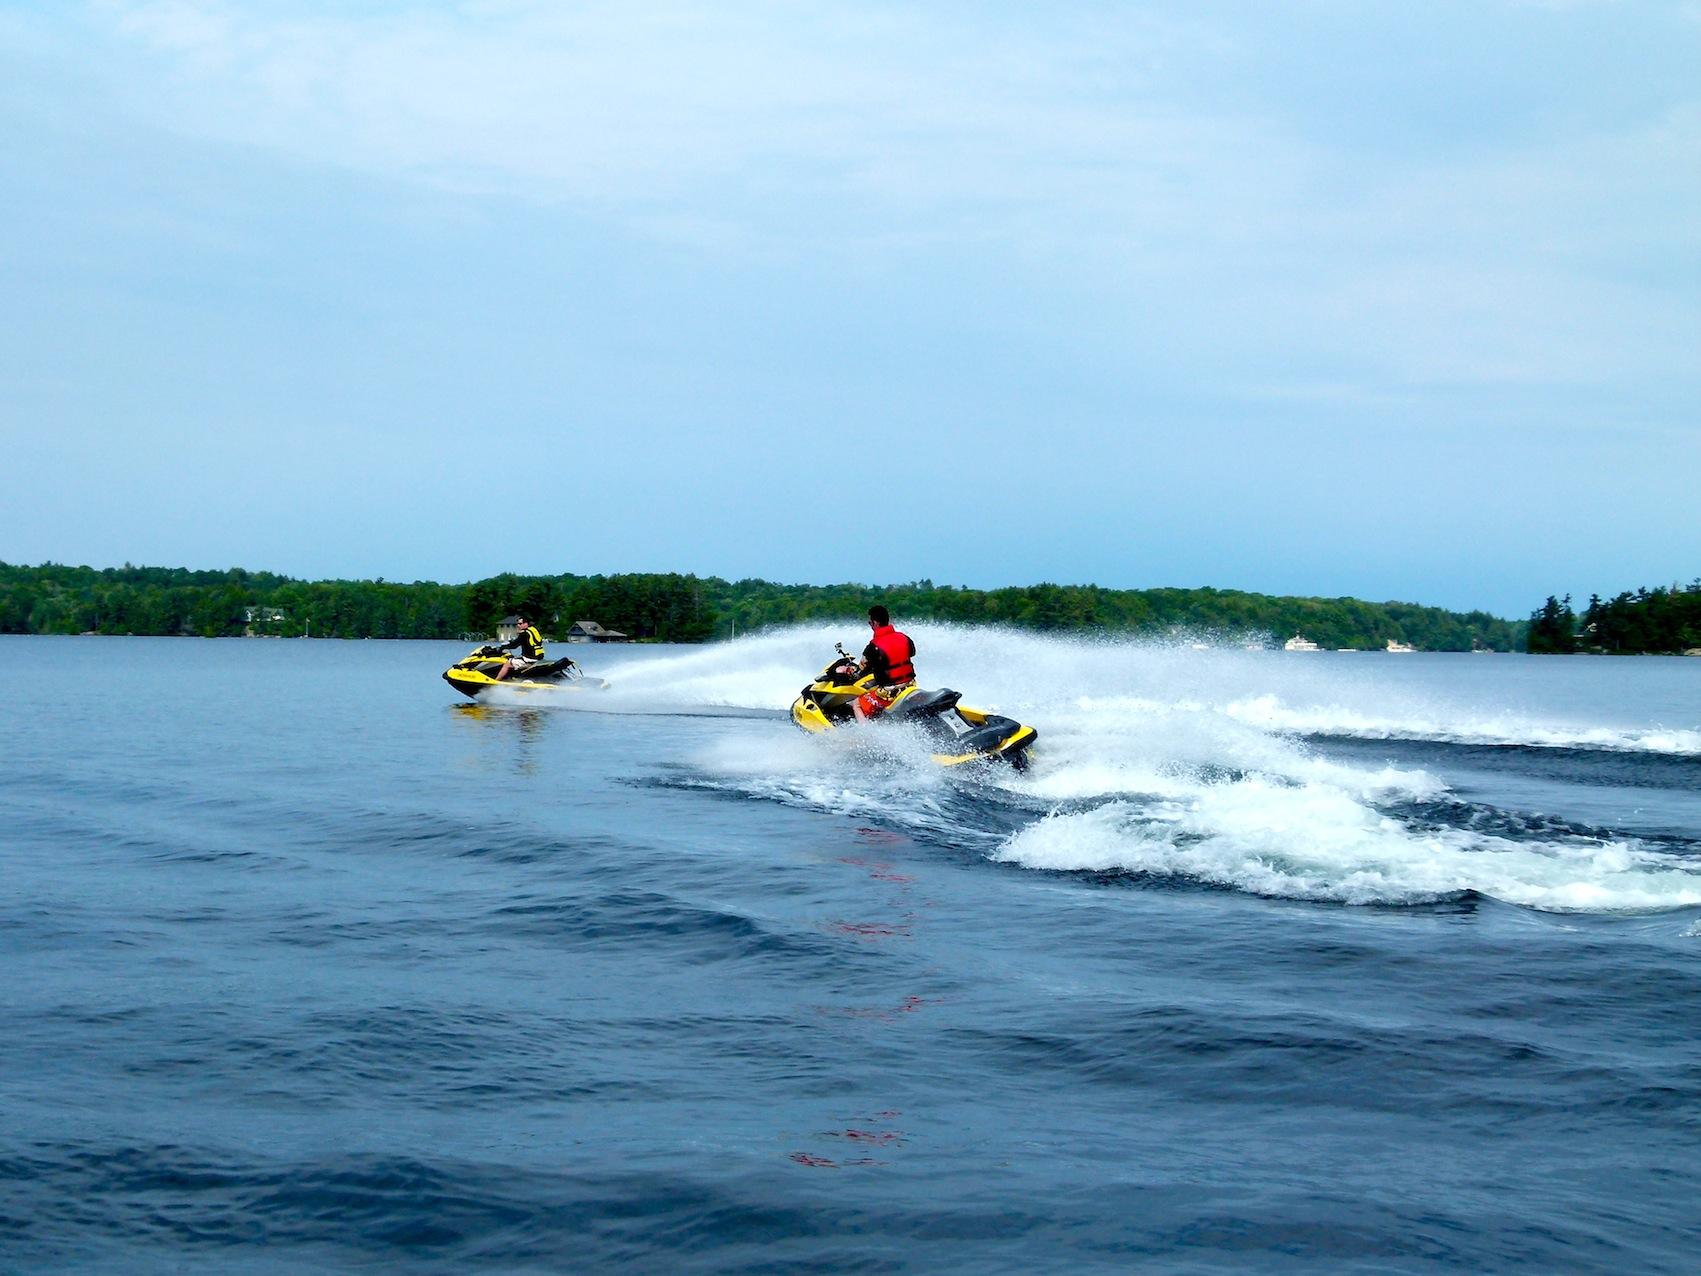 Riding our watercraft on the Kawartha Lakes Sea Doo tour